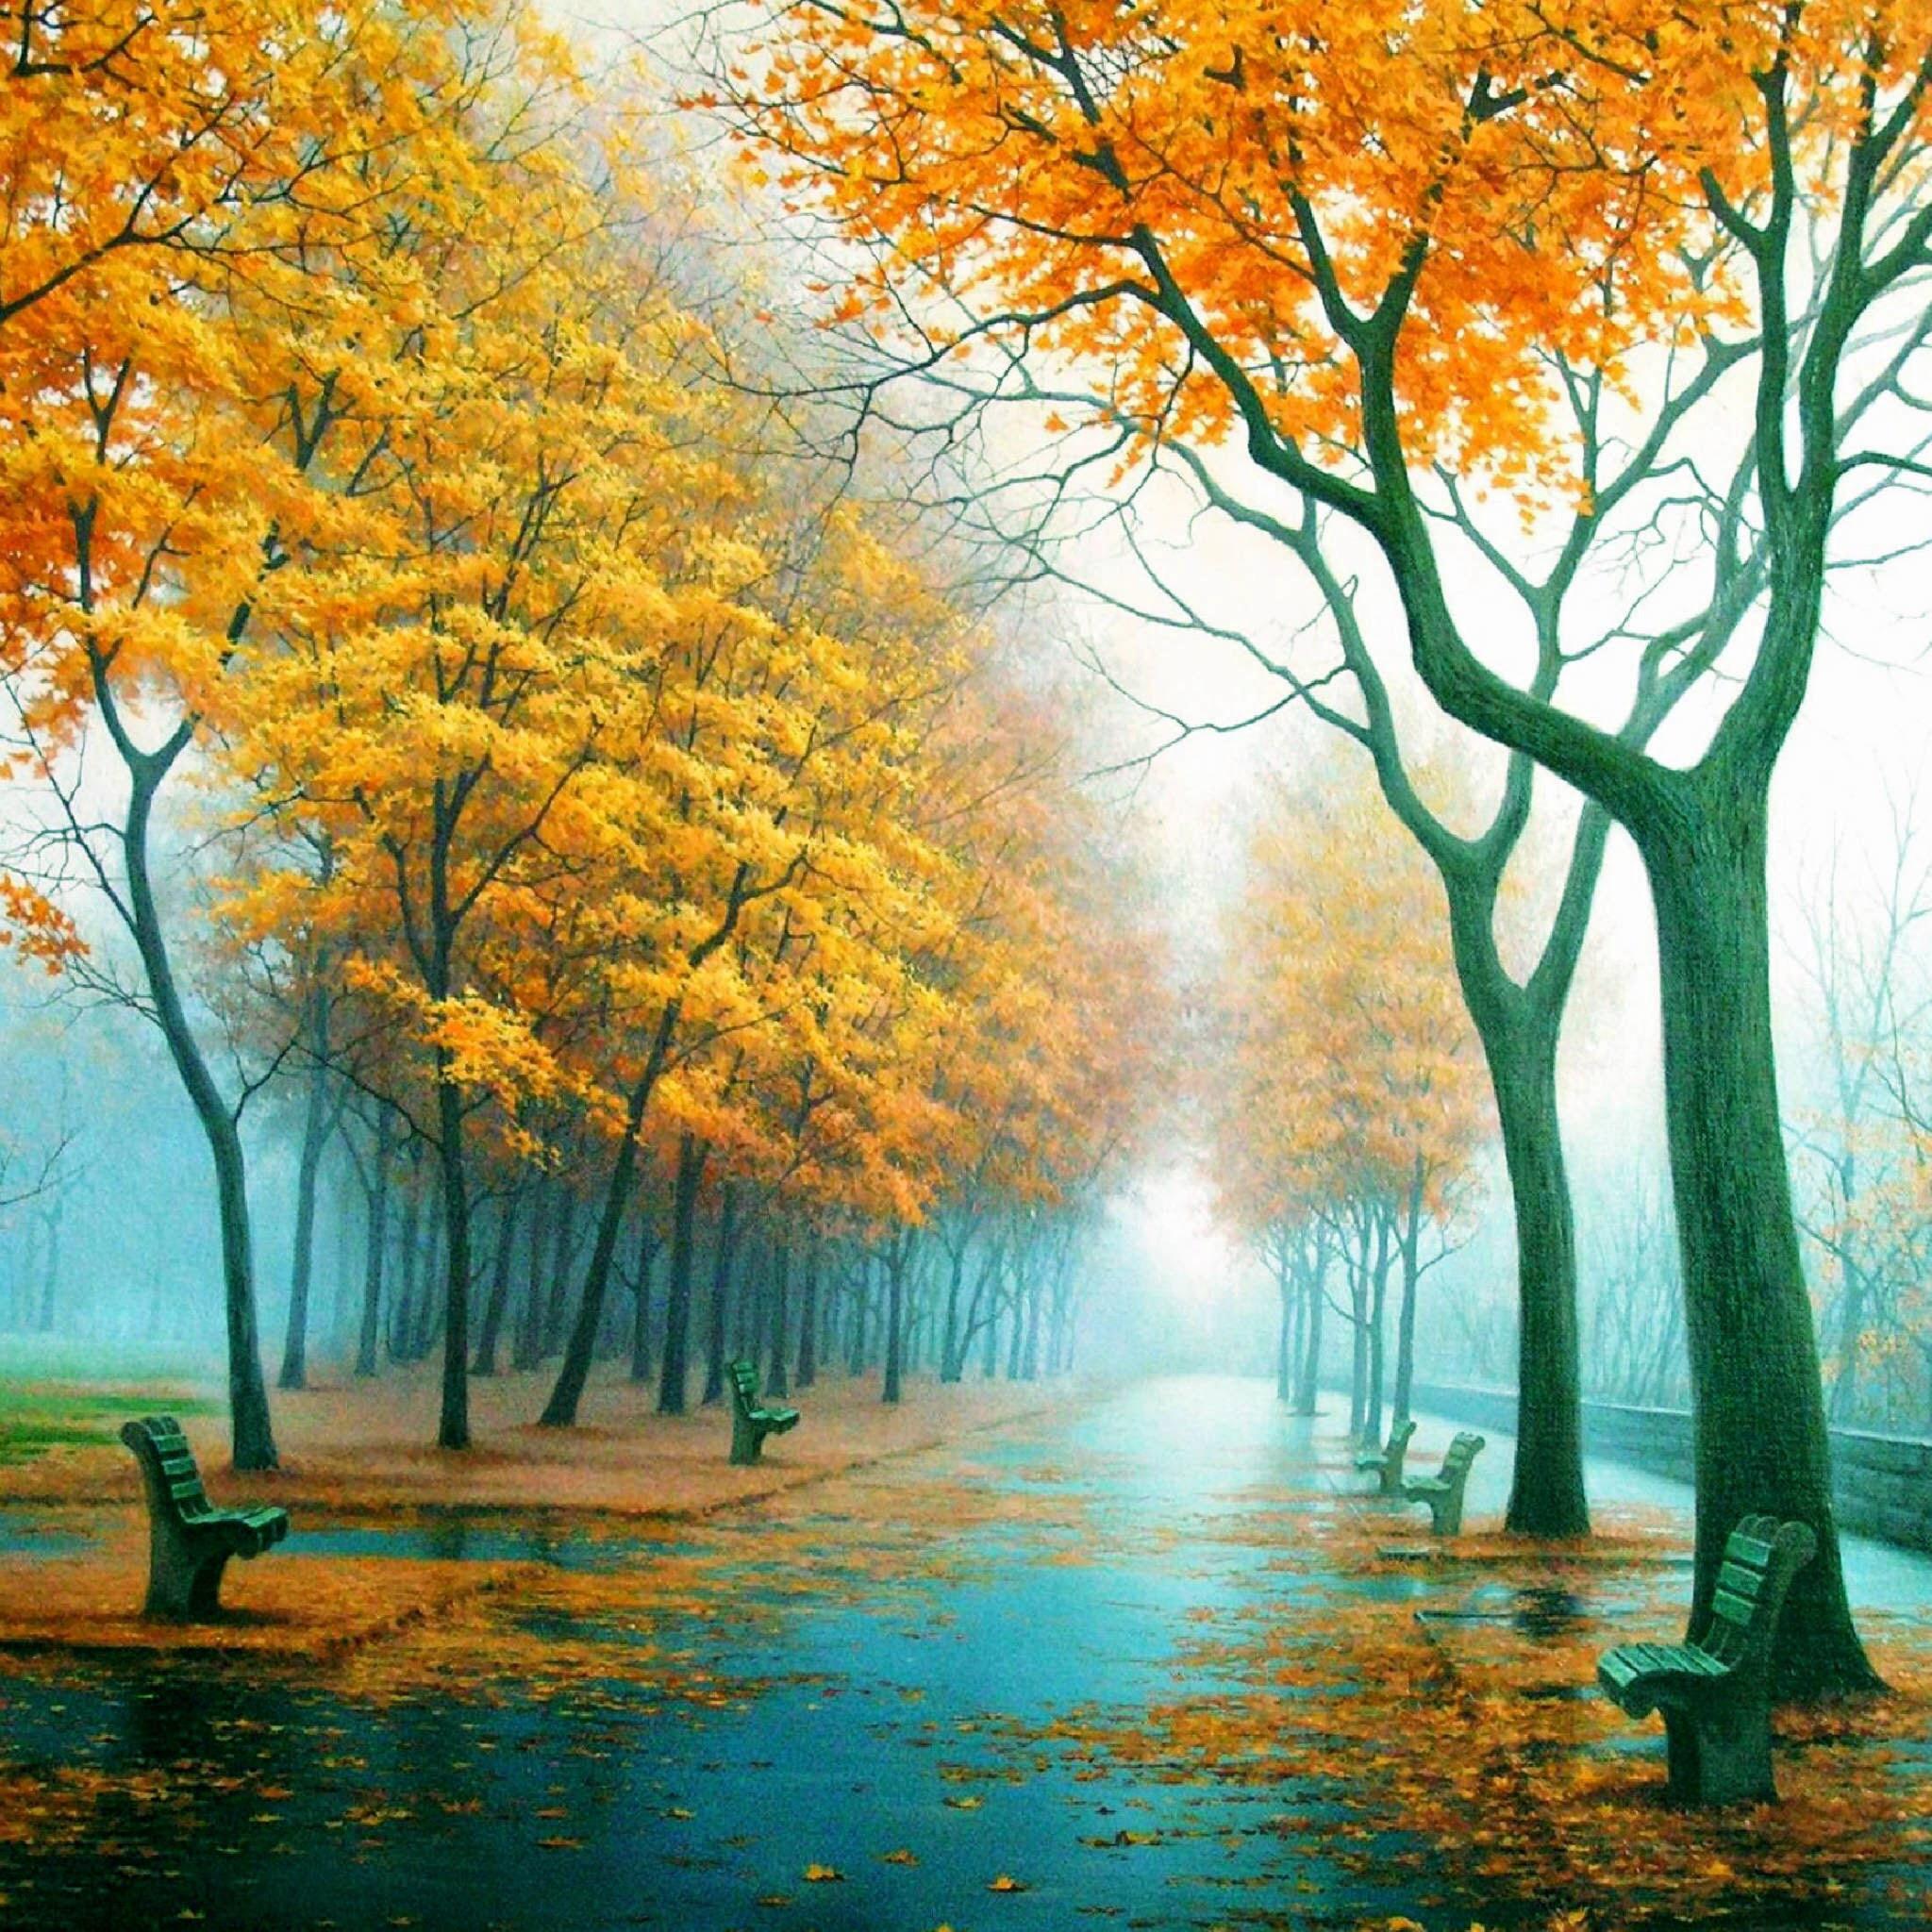 I wallpaper della domenica autunno pensaremac for Immagini autunno hd